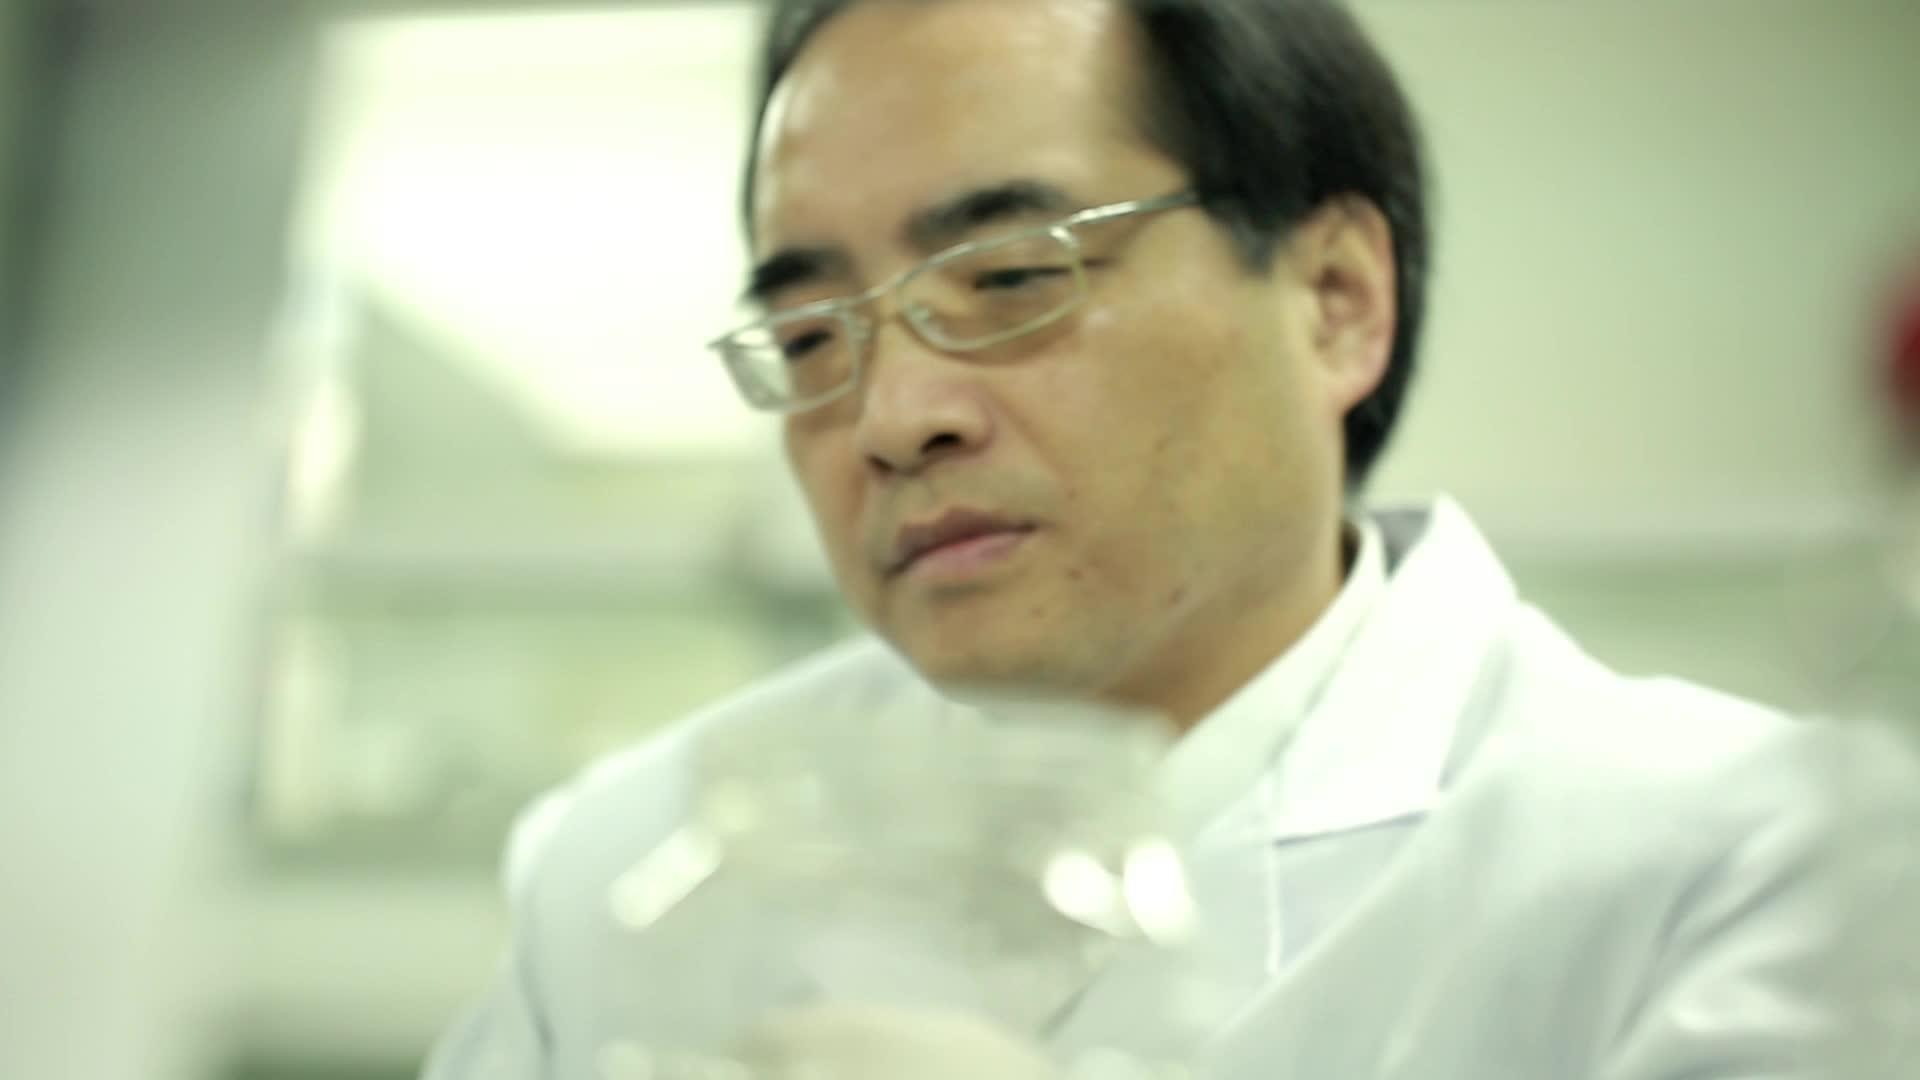 【时代脊梁】戴立忠 :锻造分子诊断高效医疗  专注研发百姓用得上用得起的医药产品